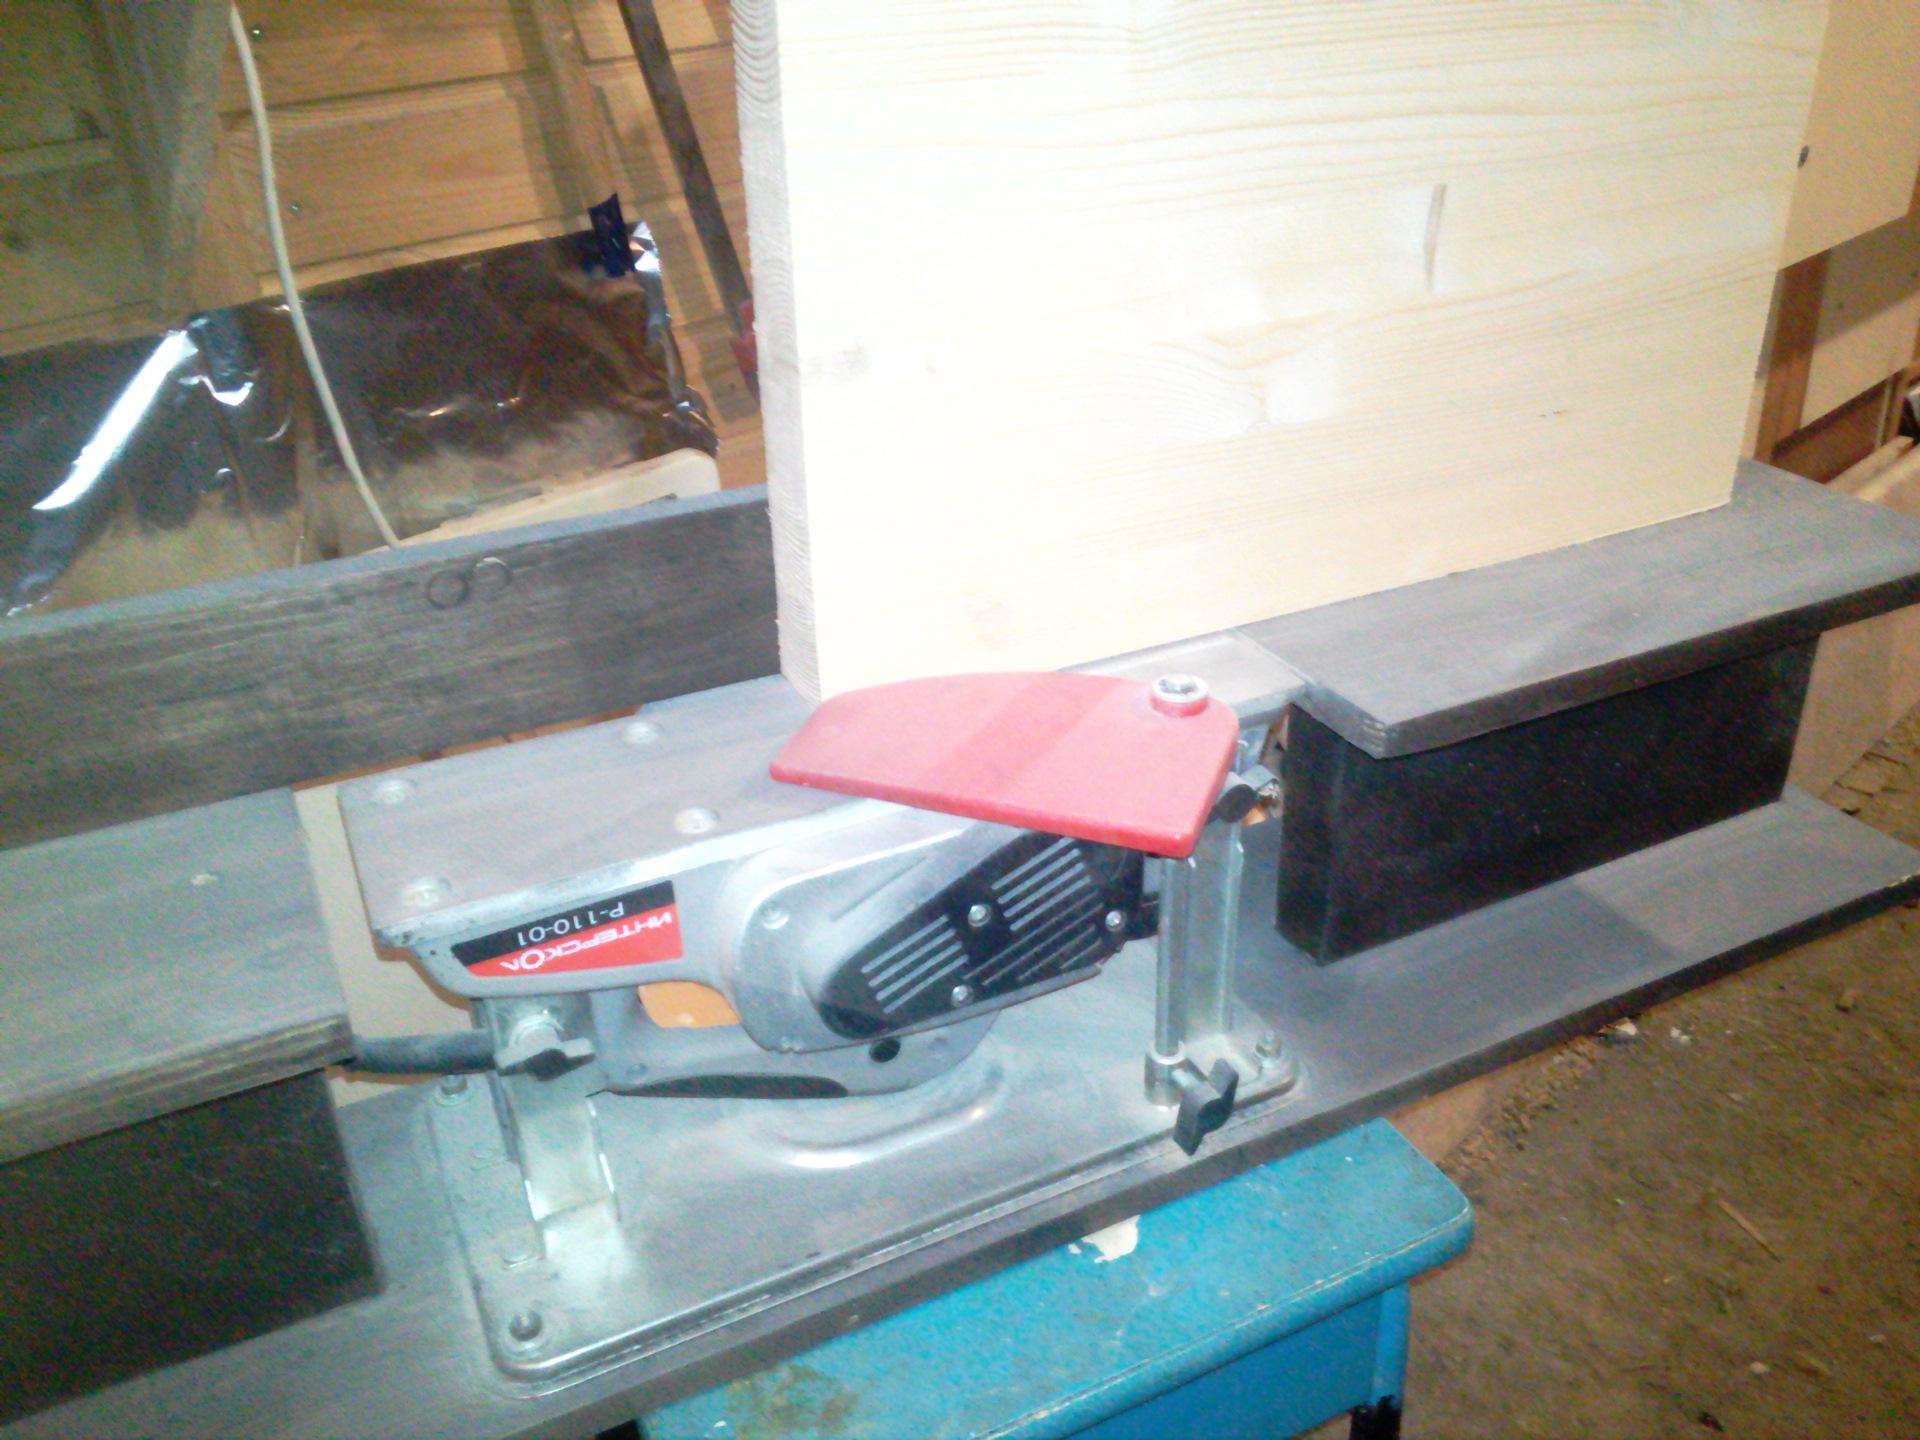 Фуговальный станок своими руками - инструкция от выбора инструмента до изготовления